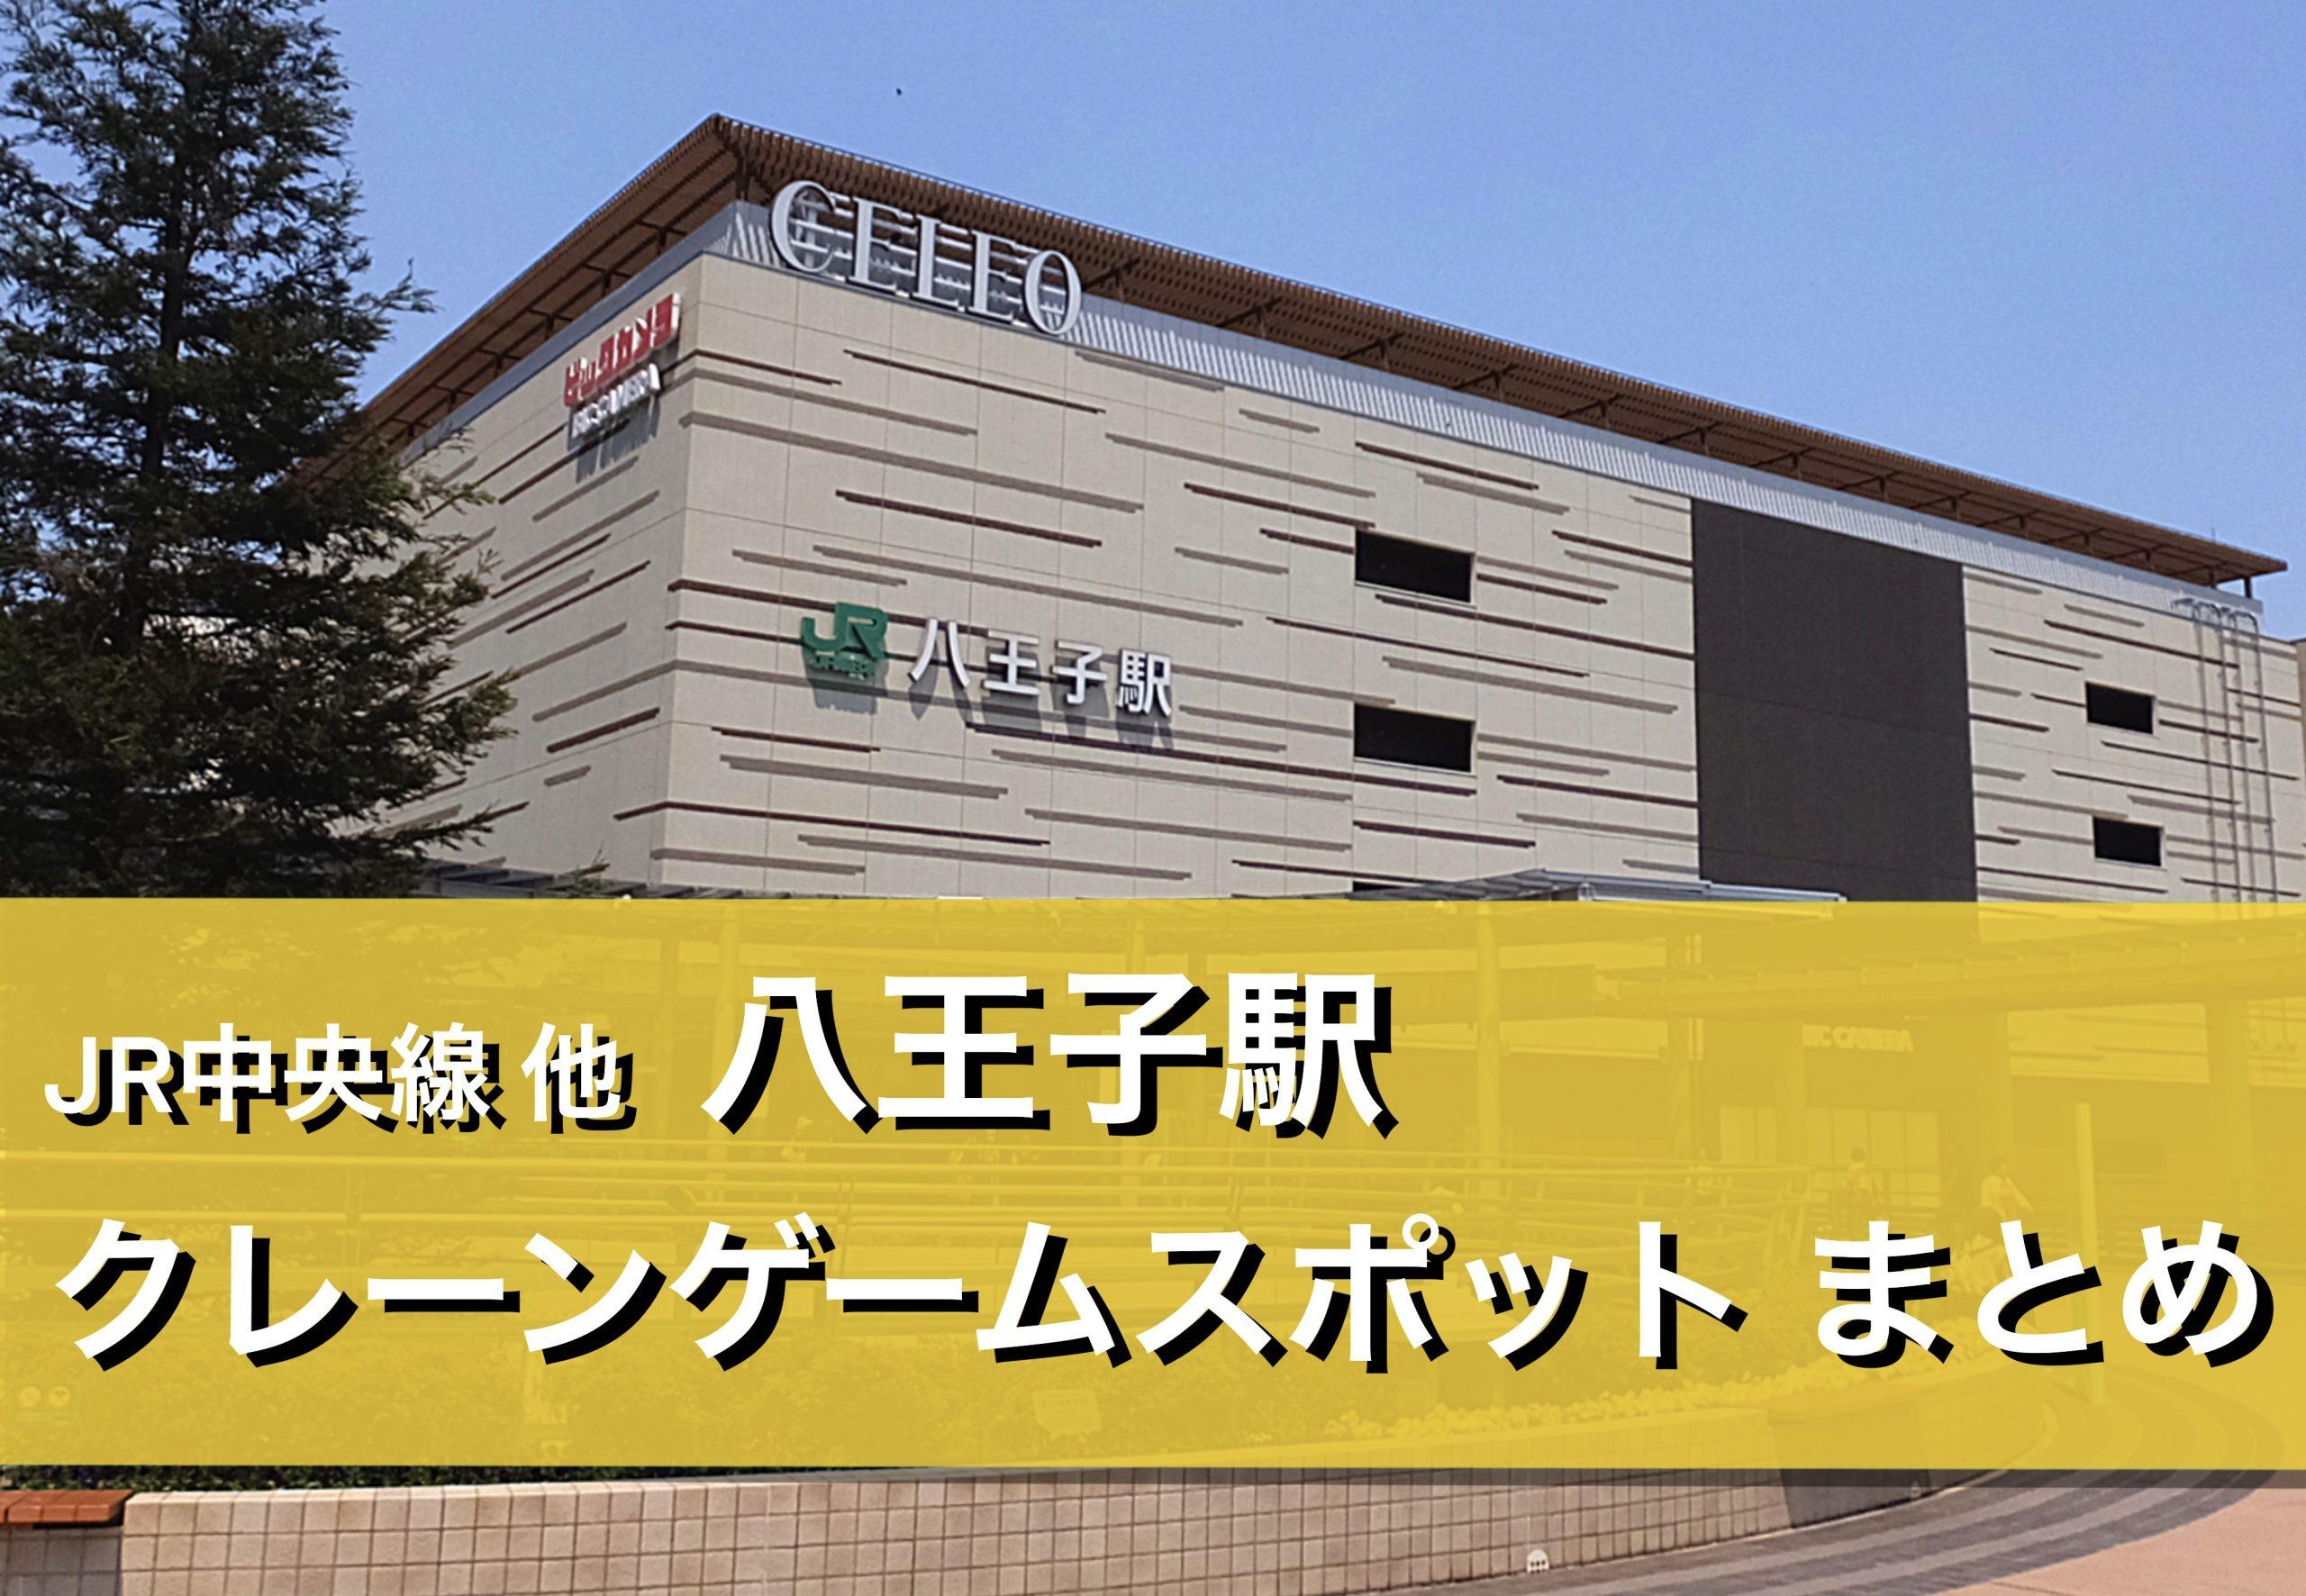 【八王子駅】クレーンゲームができる場所